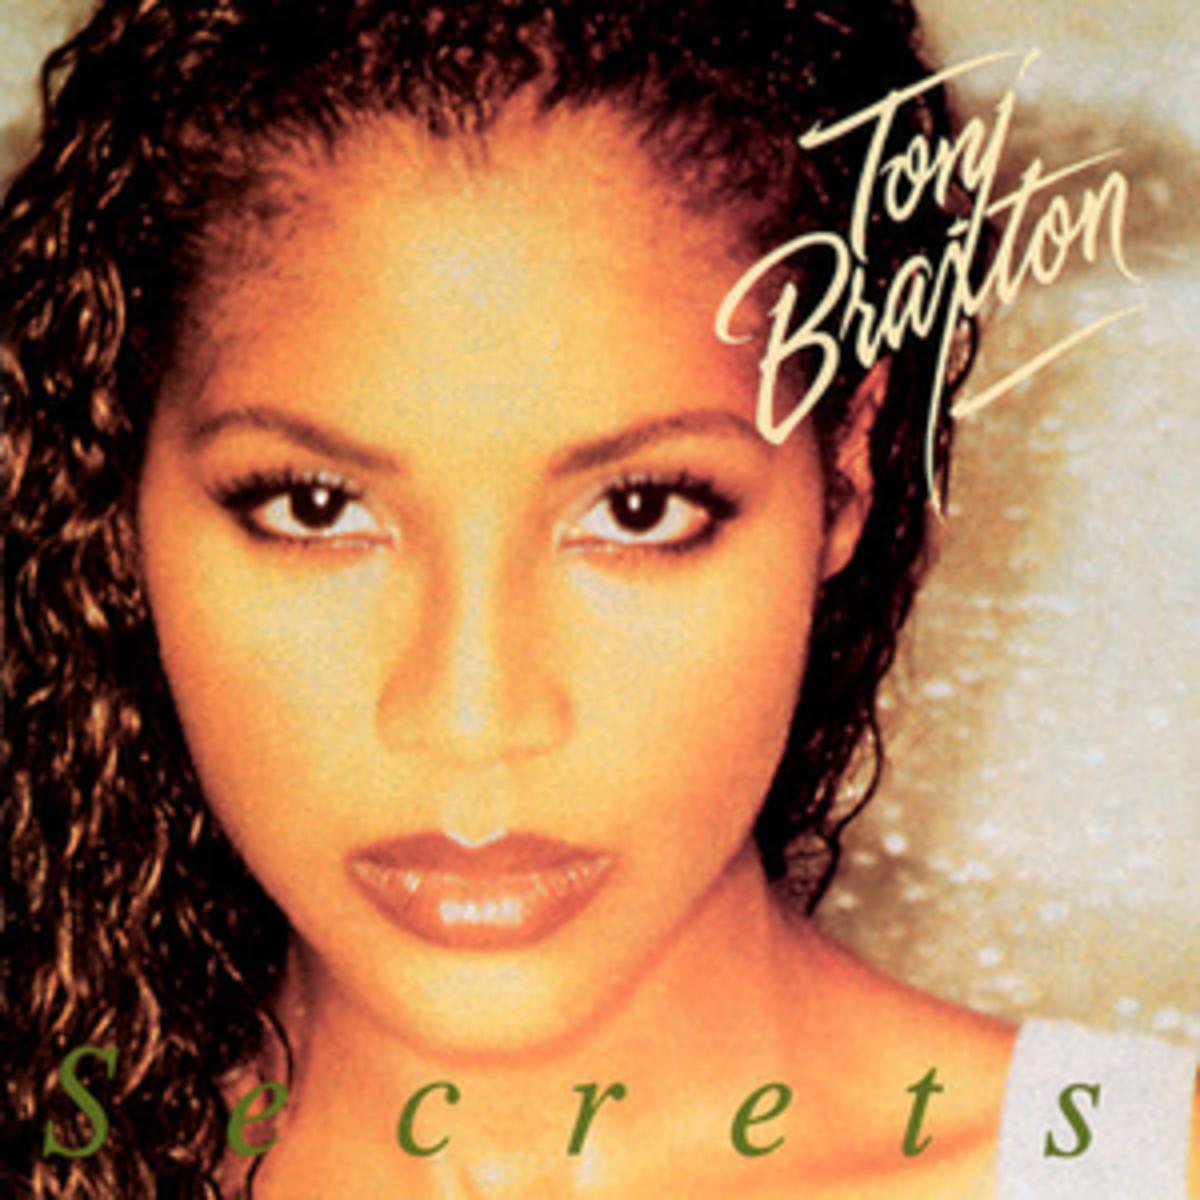 """Toni Braxton's """"Secret"""" Album Cover"""